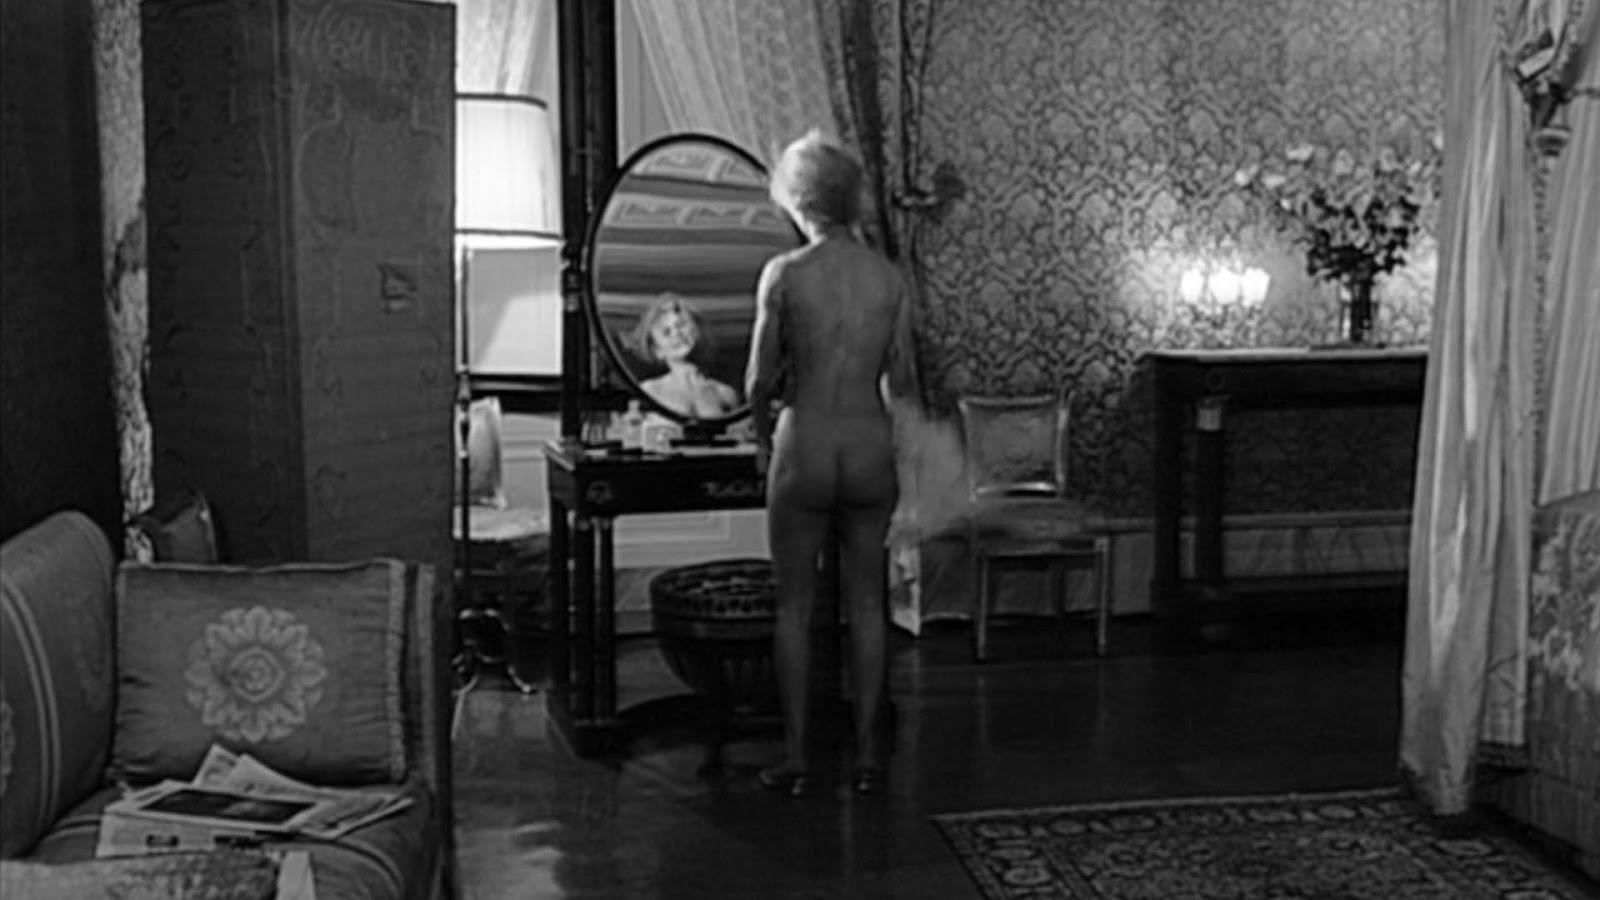 Julie christie naked adult images